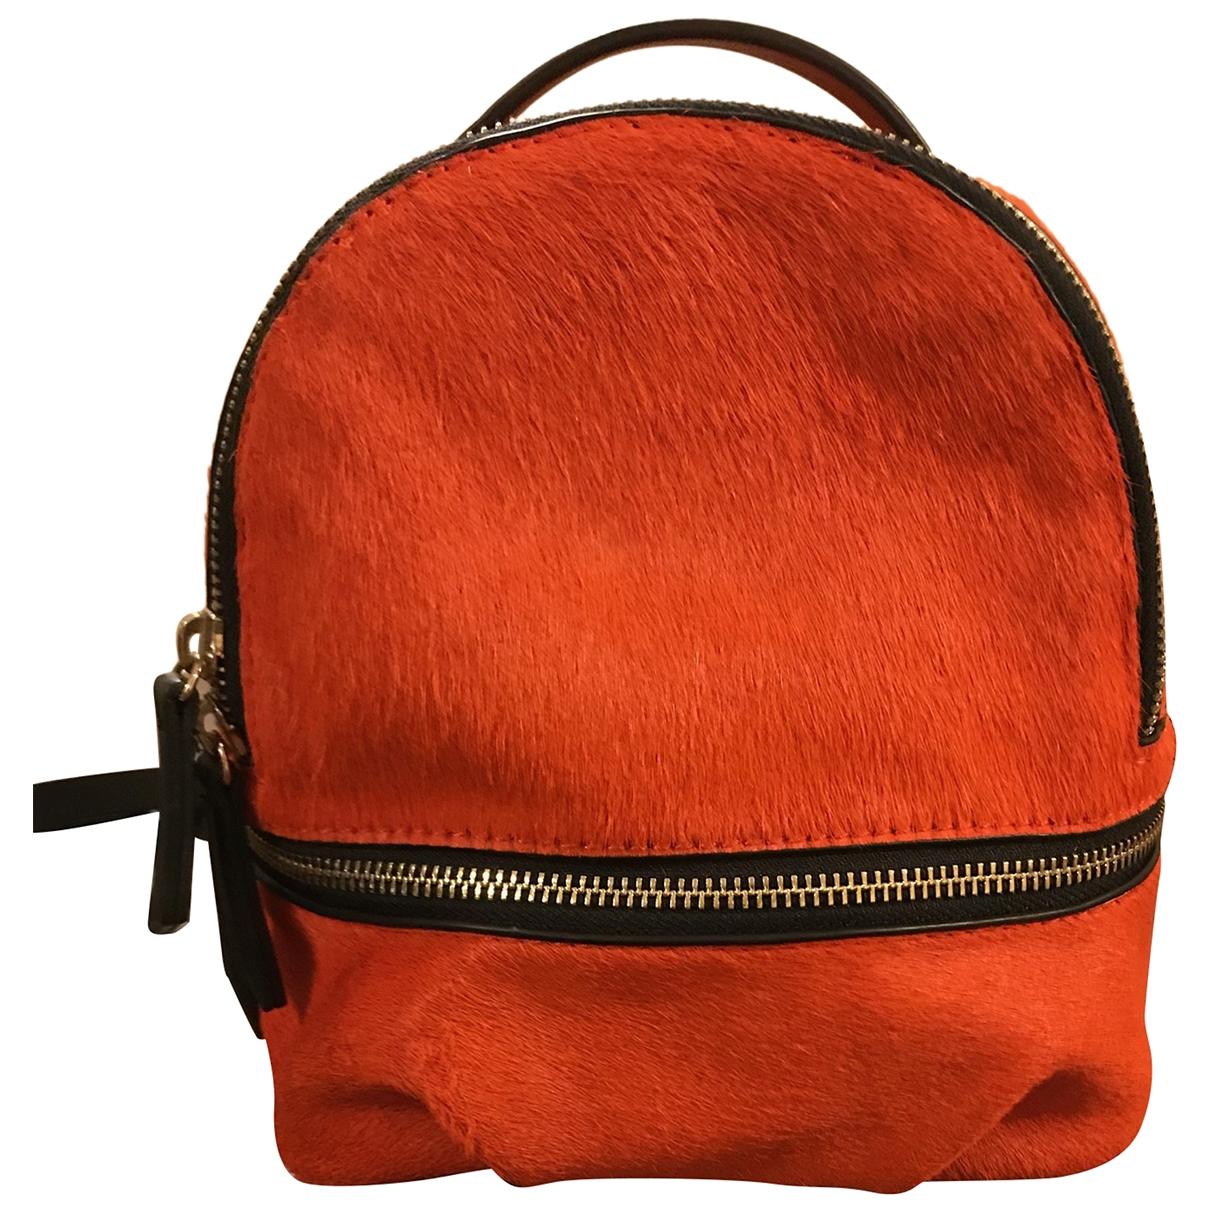 Zara - Sac a dos   pour femme - orange